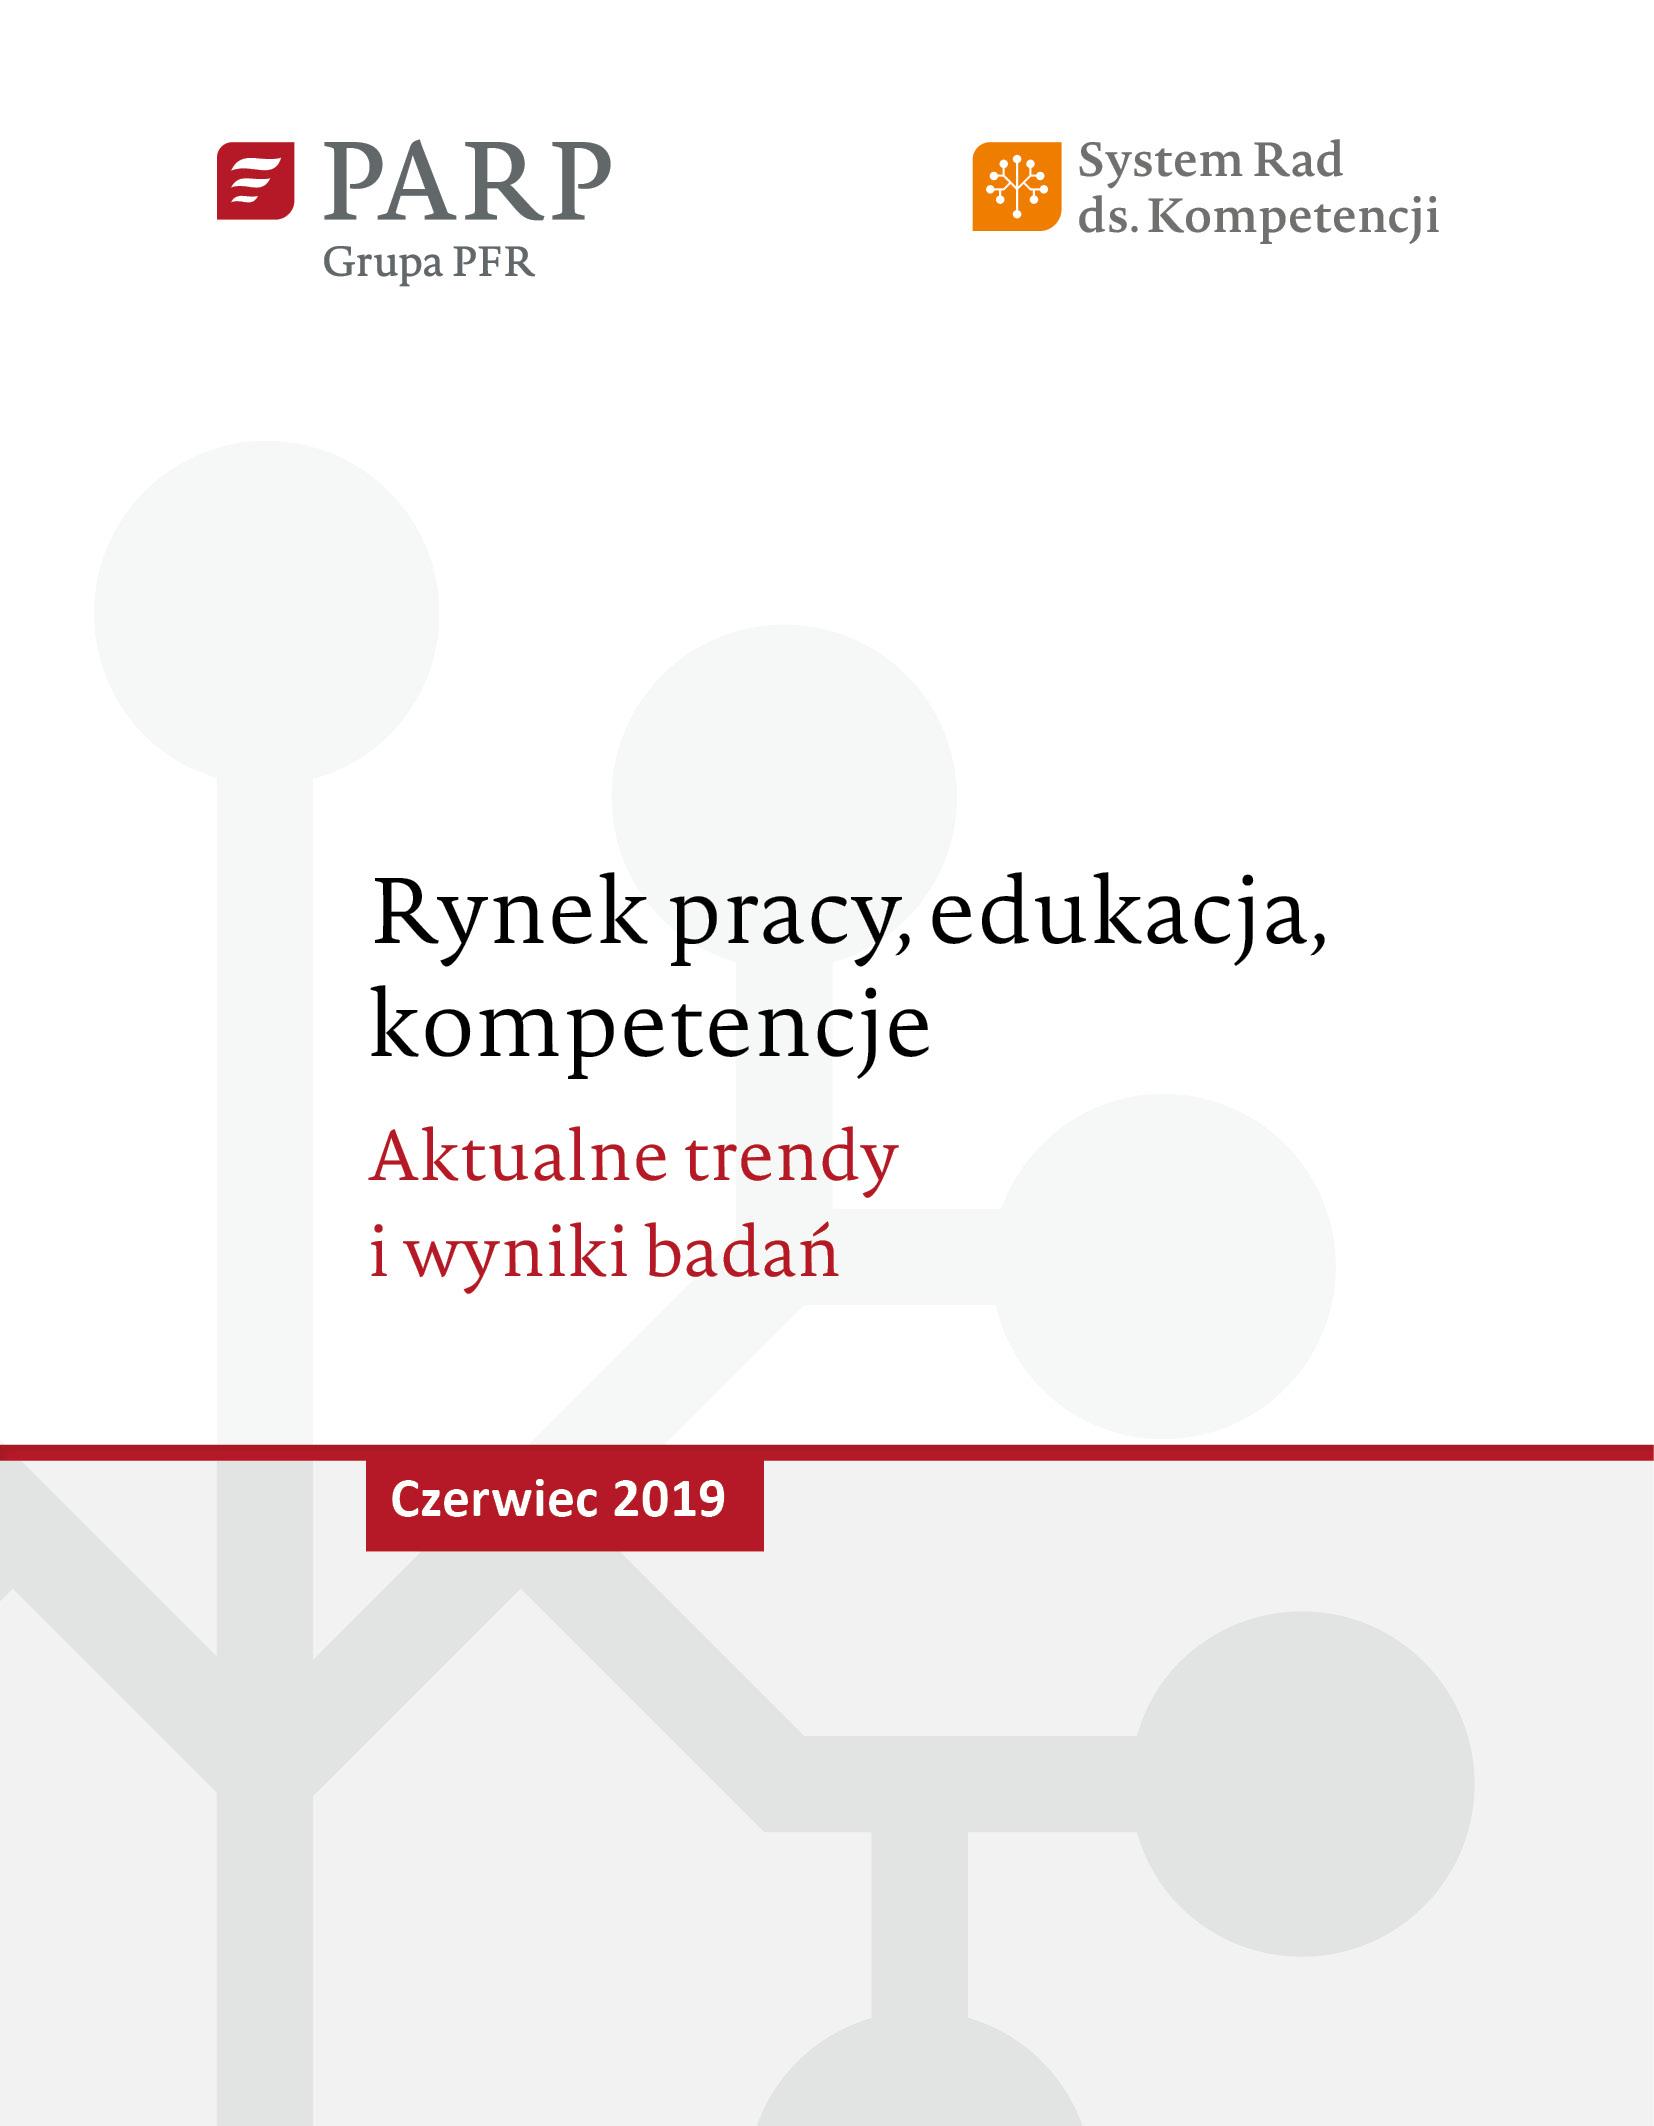 Rynek pracy, edukacja, kompetencje - czerwiec 2019